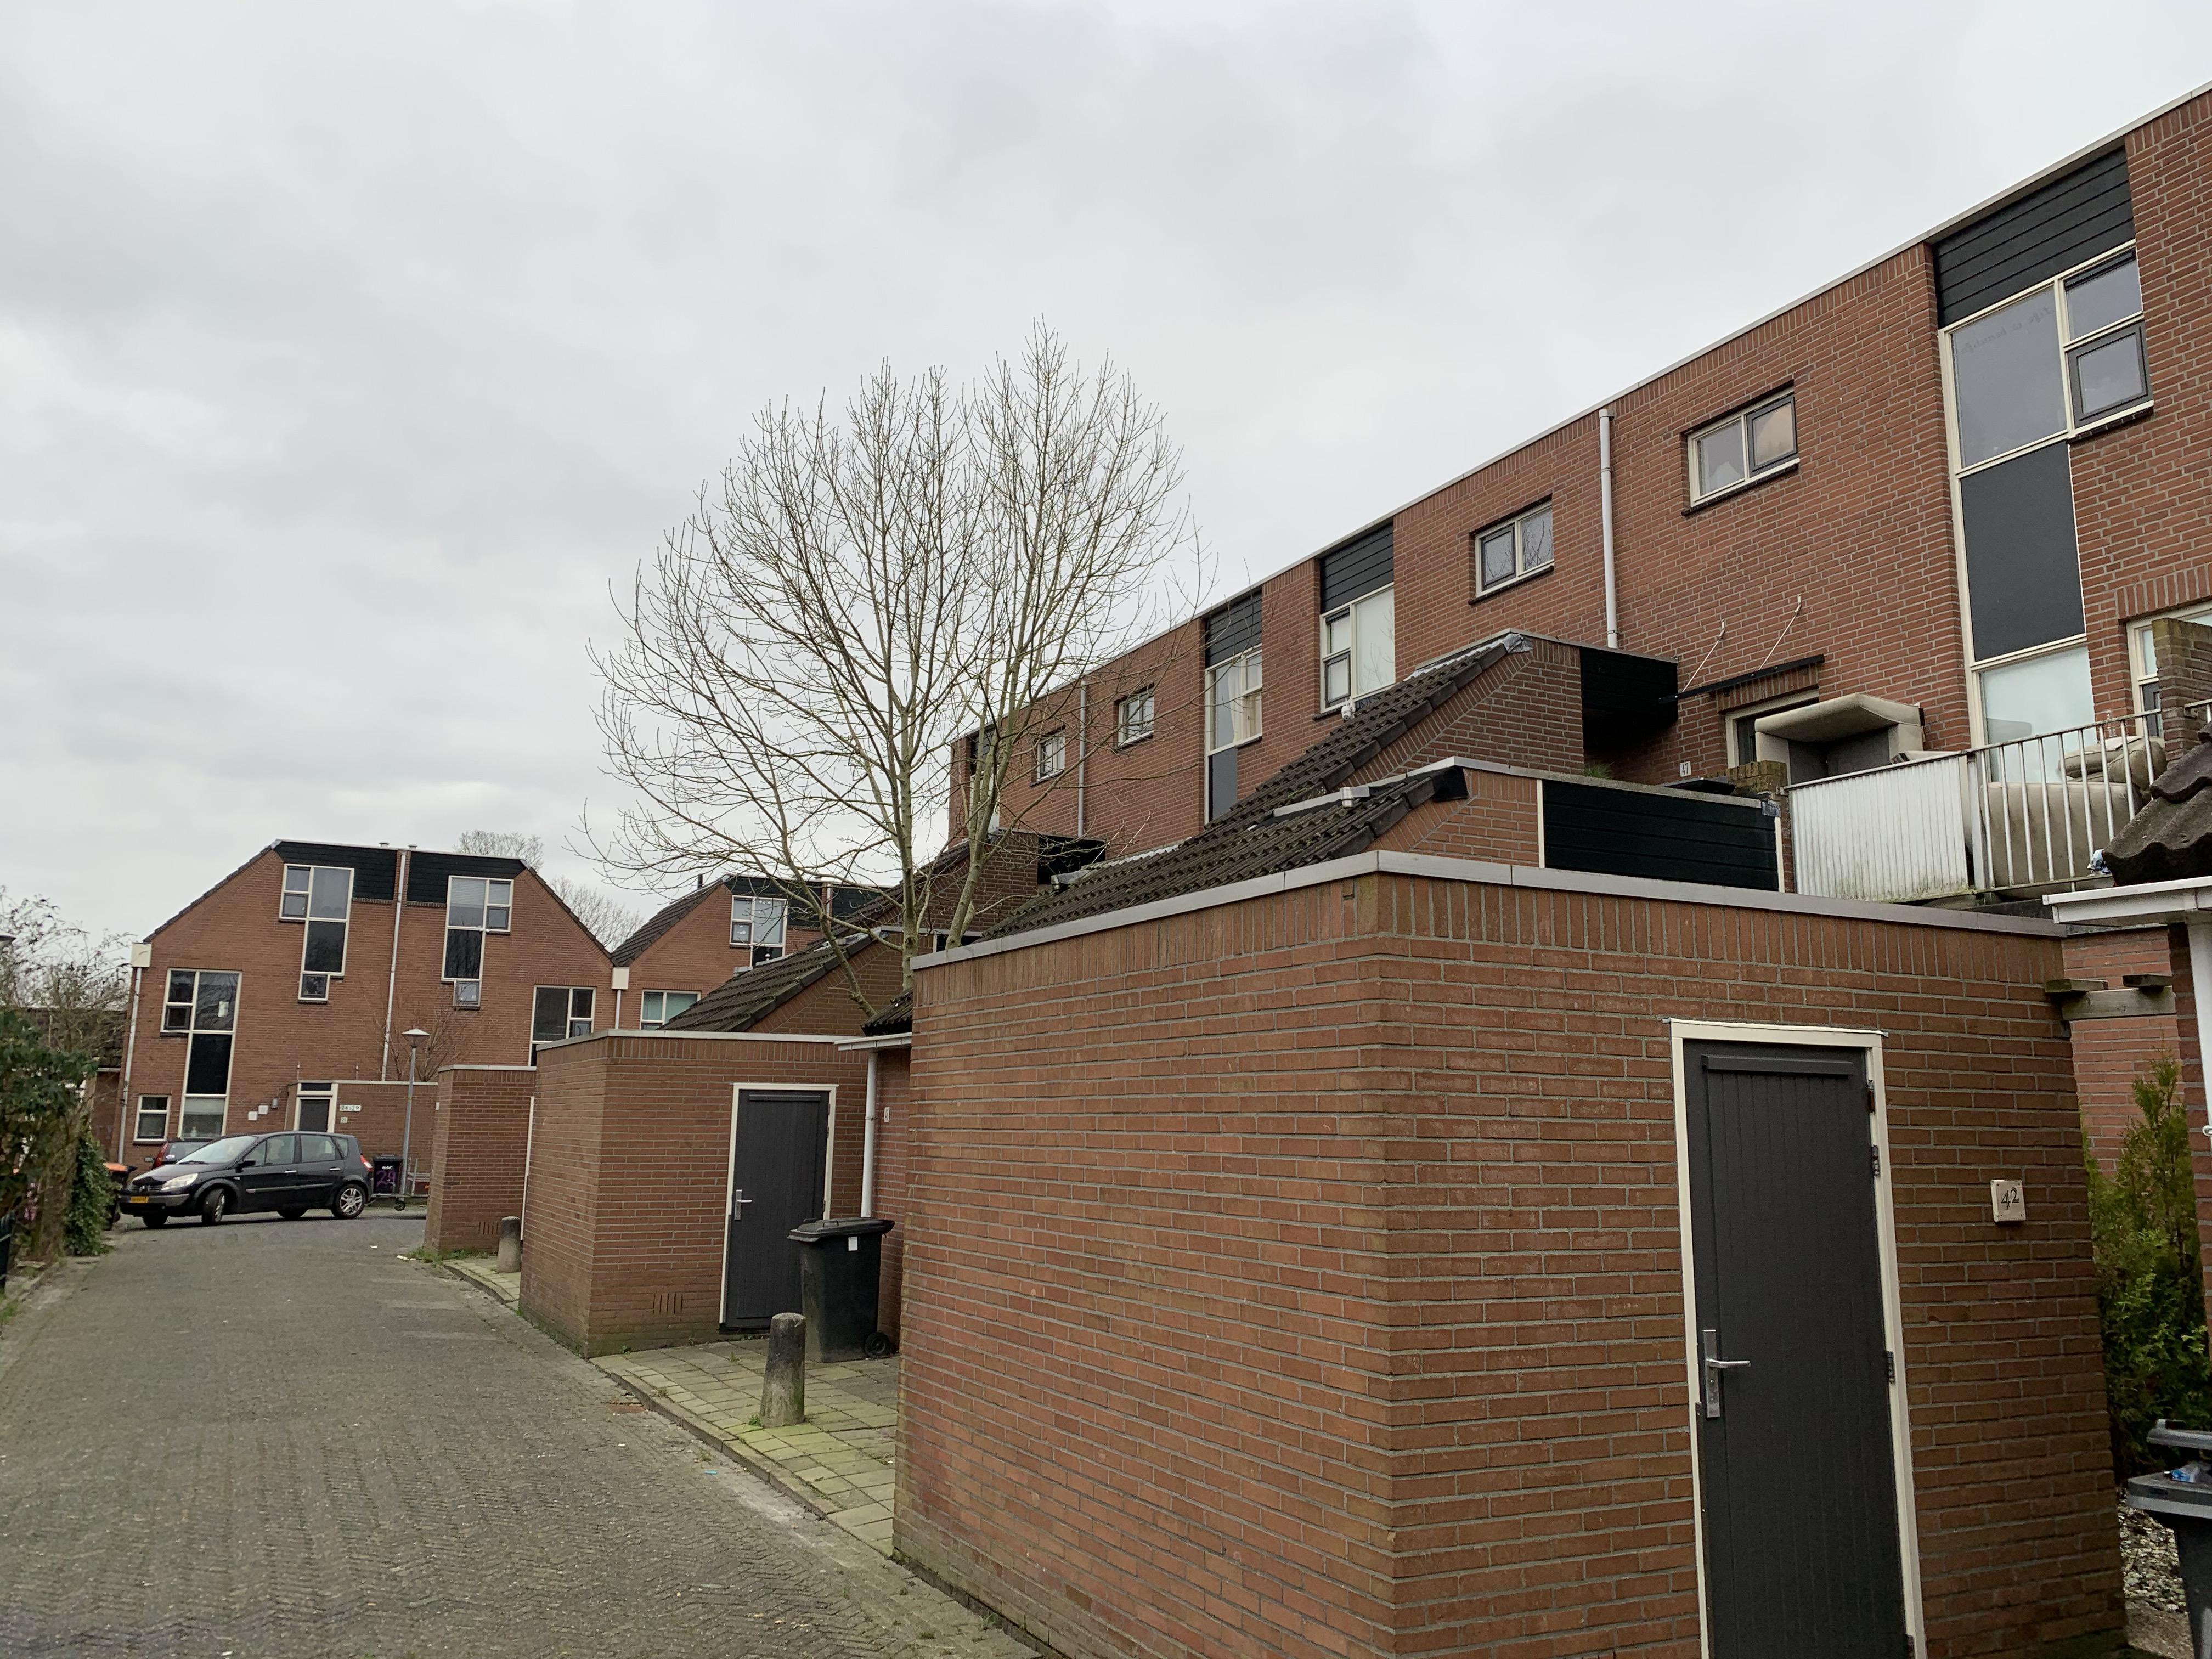 Bewoners Kosterstuin Zwaag zijn overlast al langer zat: 'Dit schietincident is de druppel; ik wil hier weg'